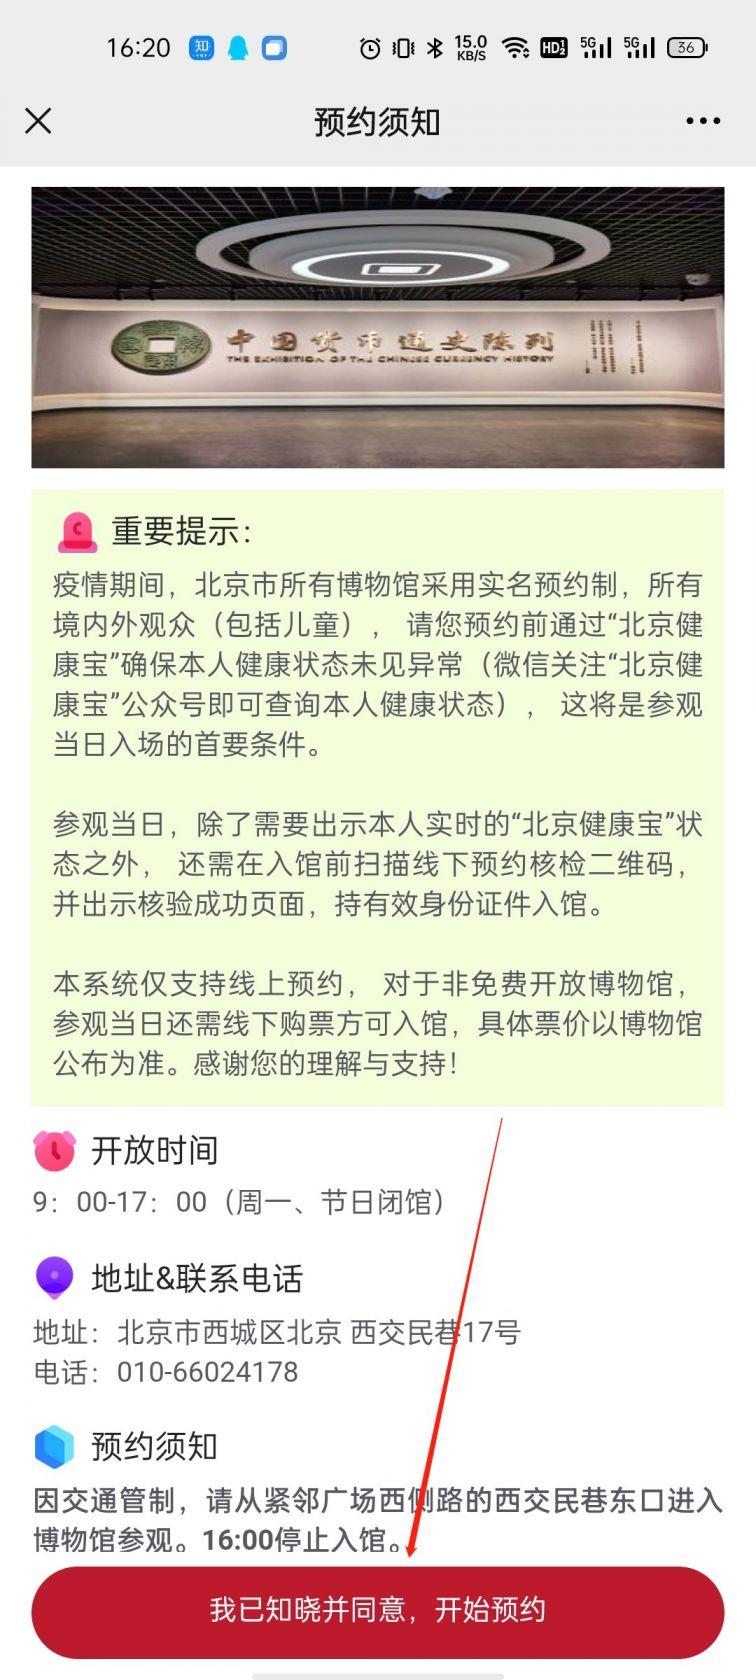 中国钱币博物馆预约入口及预约攻略